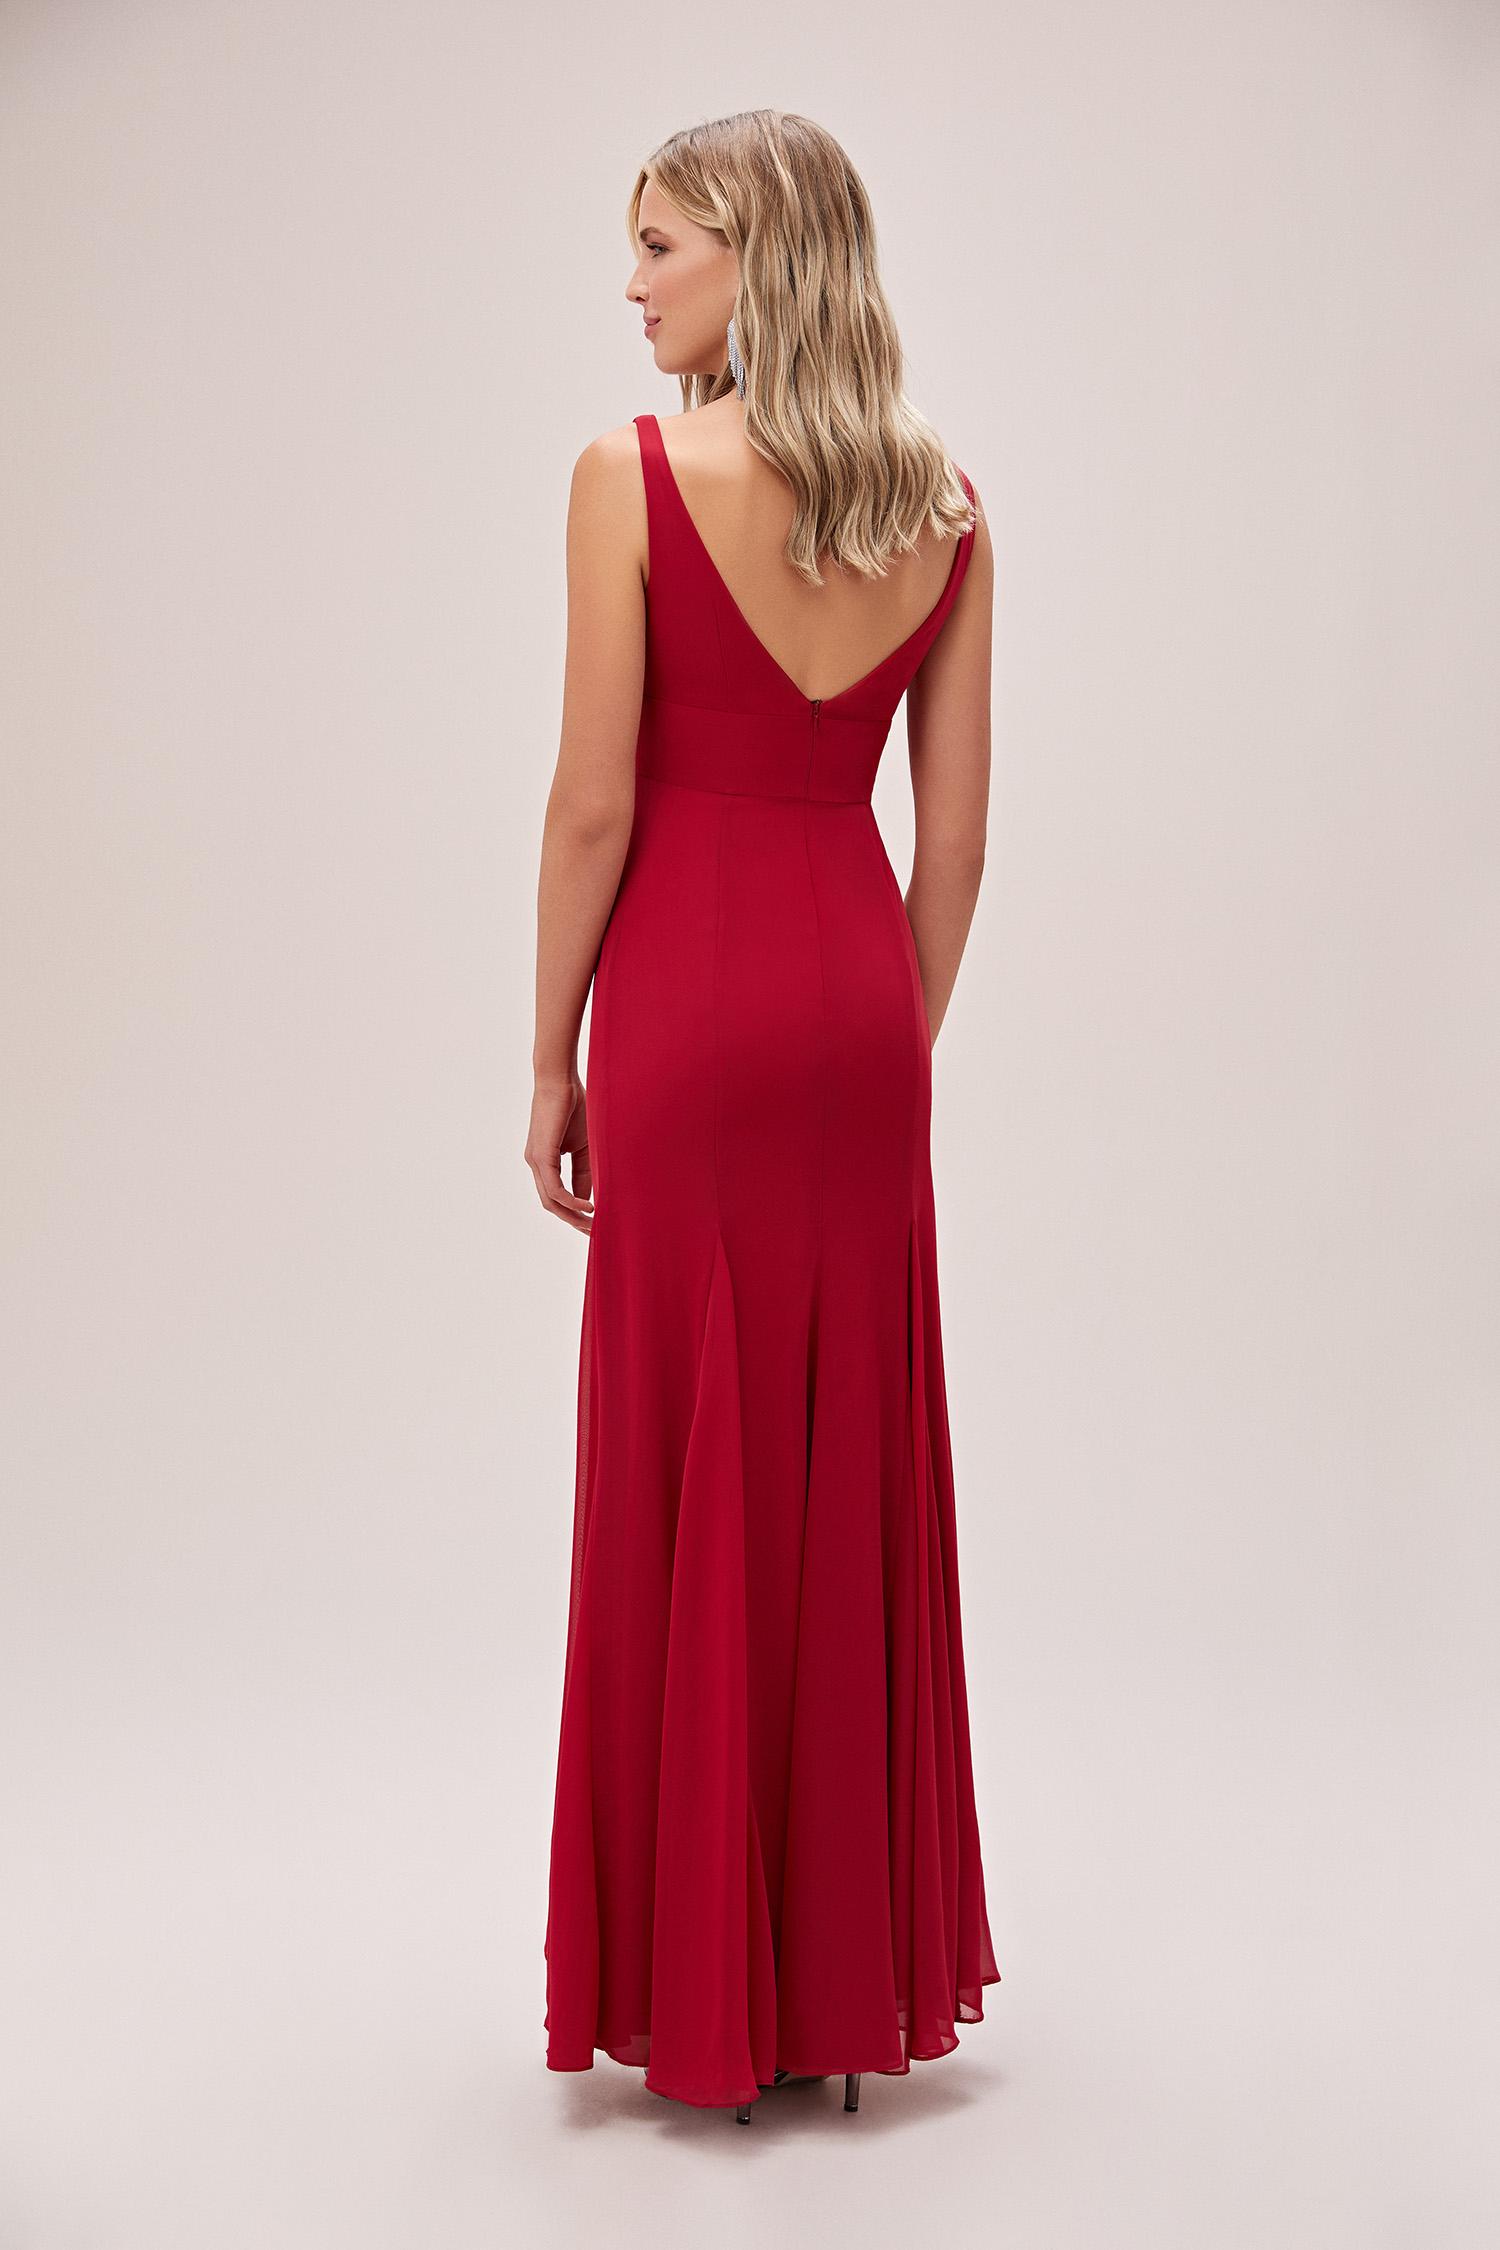 Kırmızı Askılı Pile Detaylı Şifon Uzun Abiye Elbise - Thumbnail